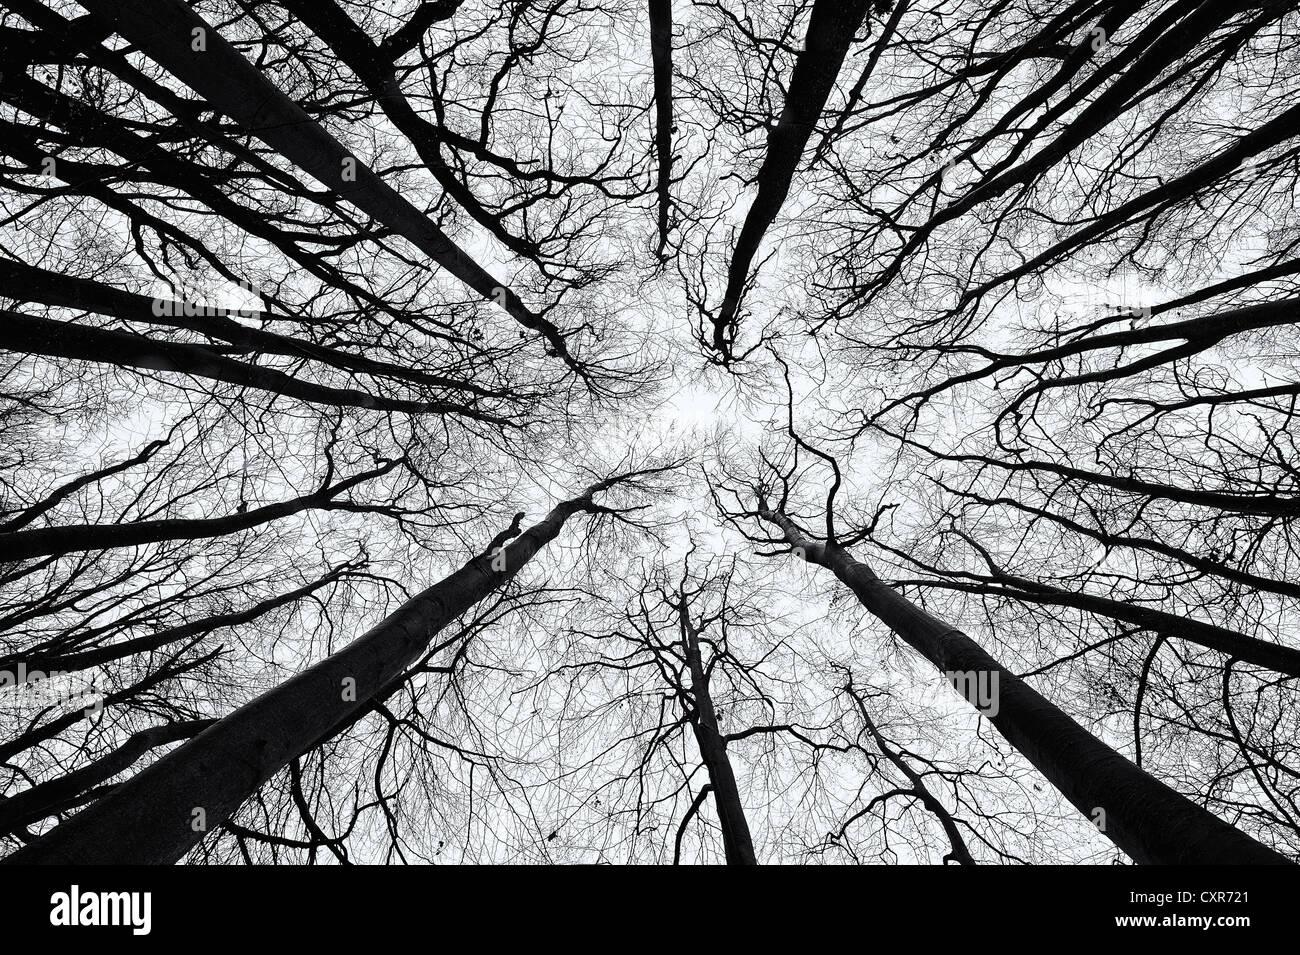 Hêtre (Fagus) d'en bas en noir et blanc, Mindelheim, Unterallgaeu, souabe, Bavière, Allemagne, Europe Photo Stock